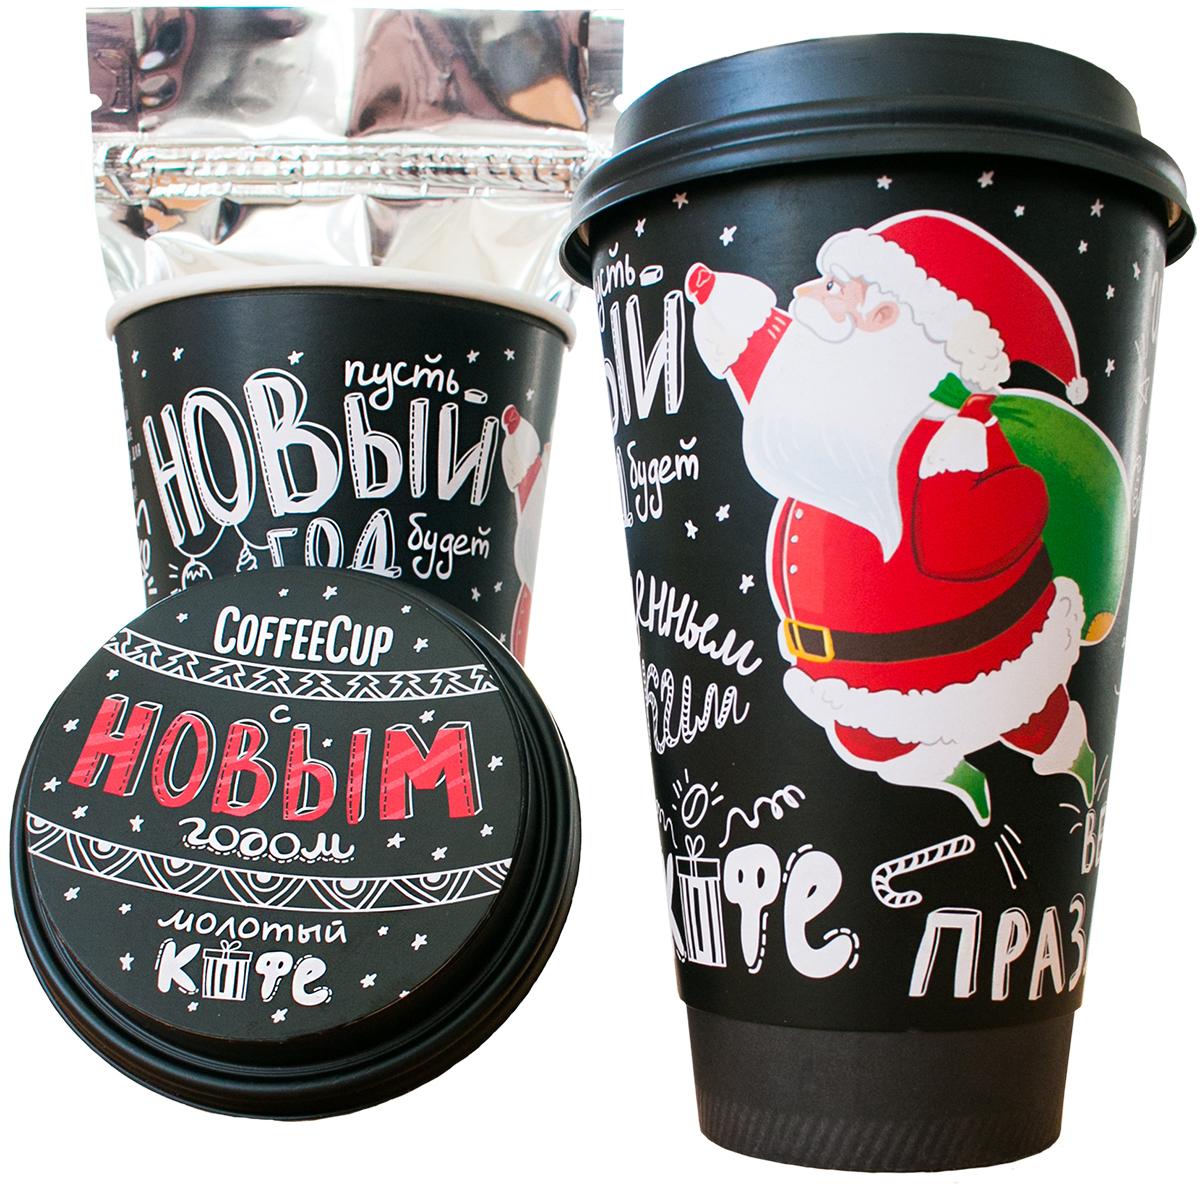 Chokocat С новым годом молотый кофе, 100 г пакет подарочный с новым годом горизонтальный 27х23 см